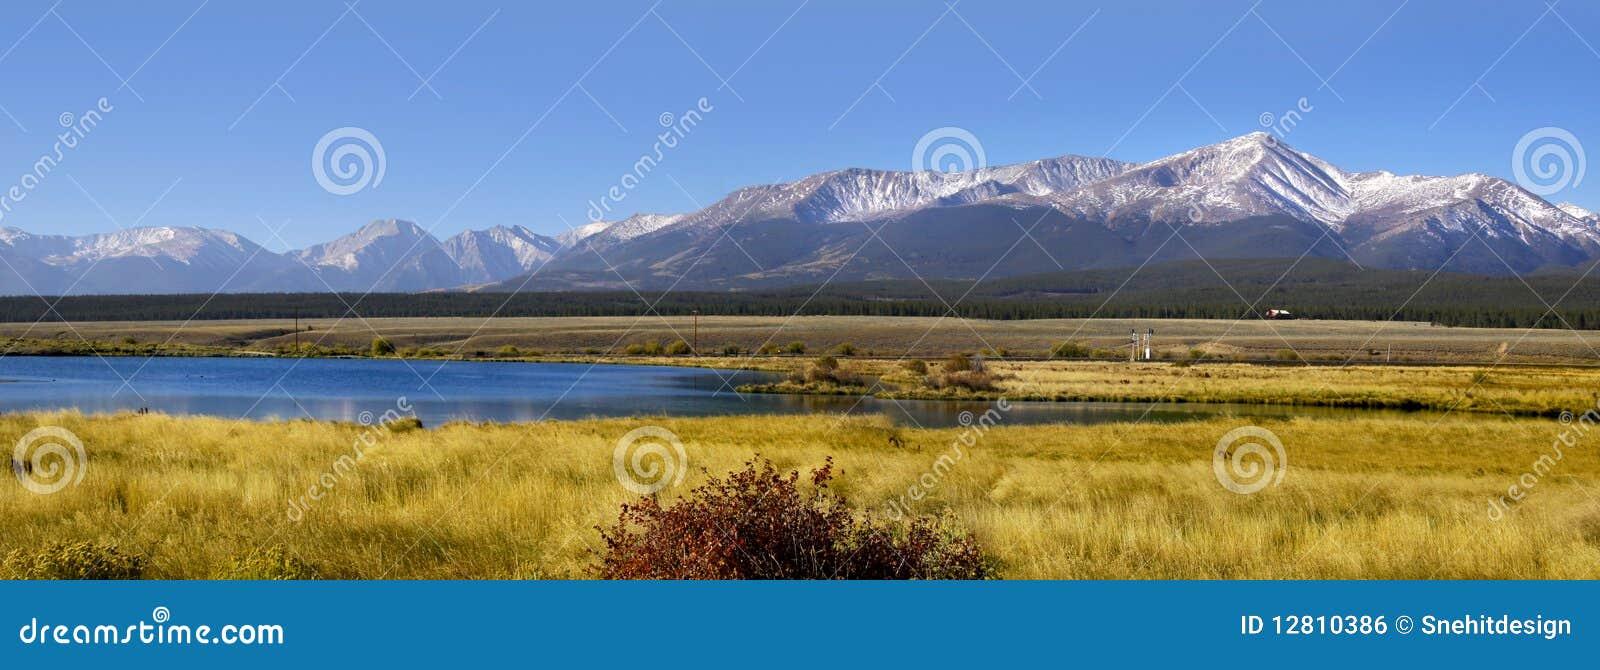 Colorado liggande